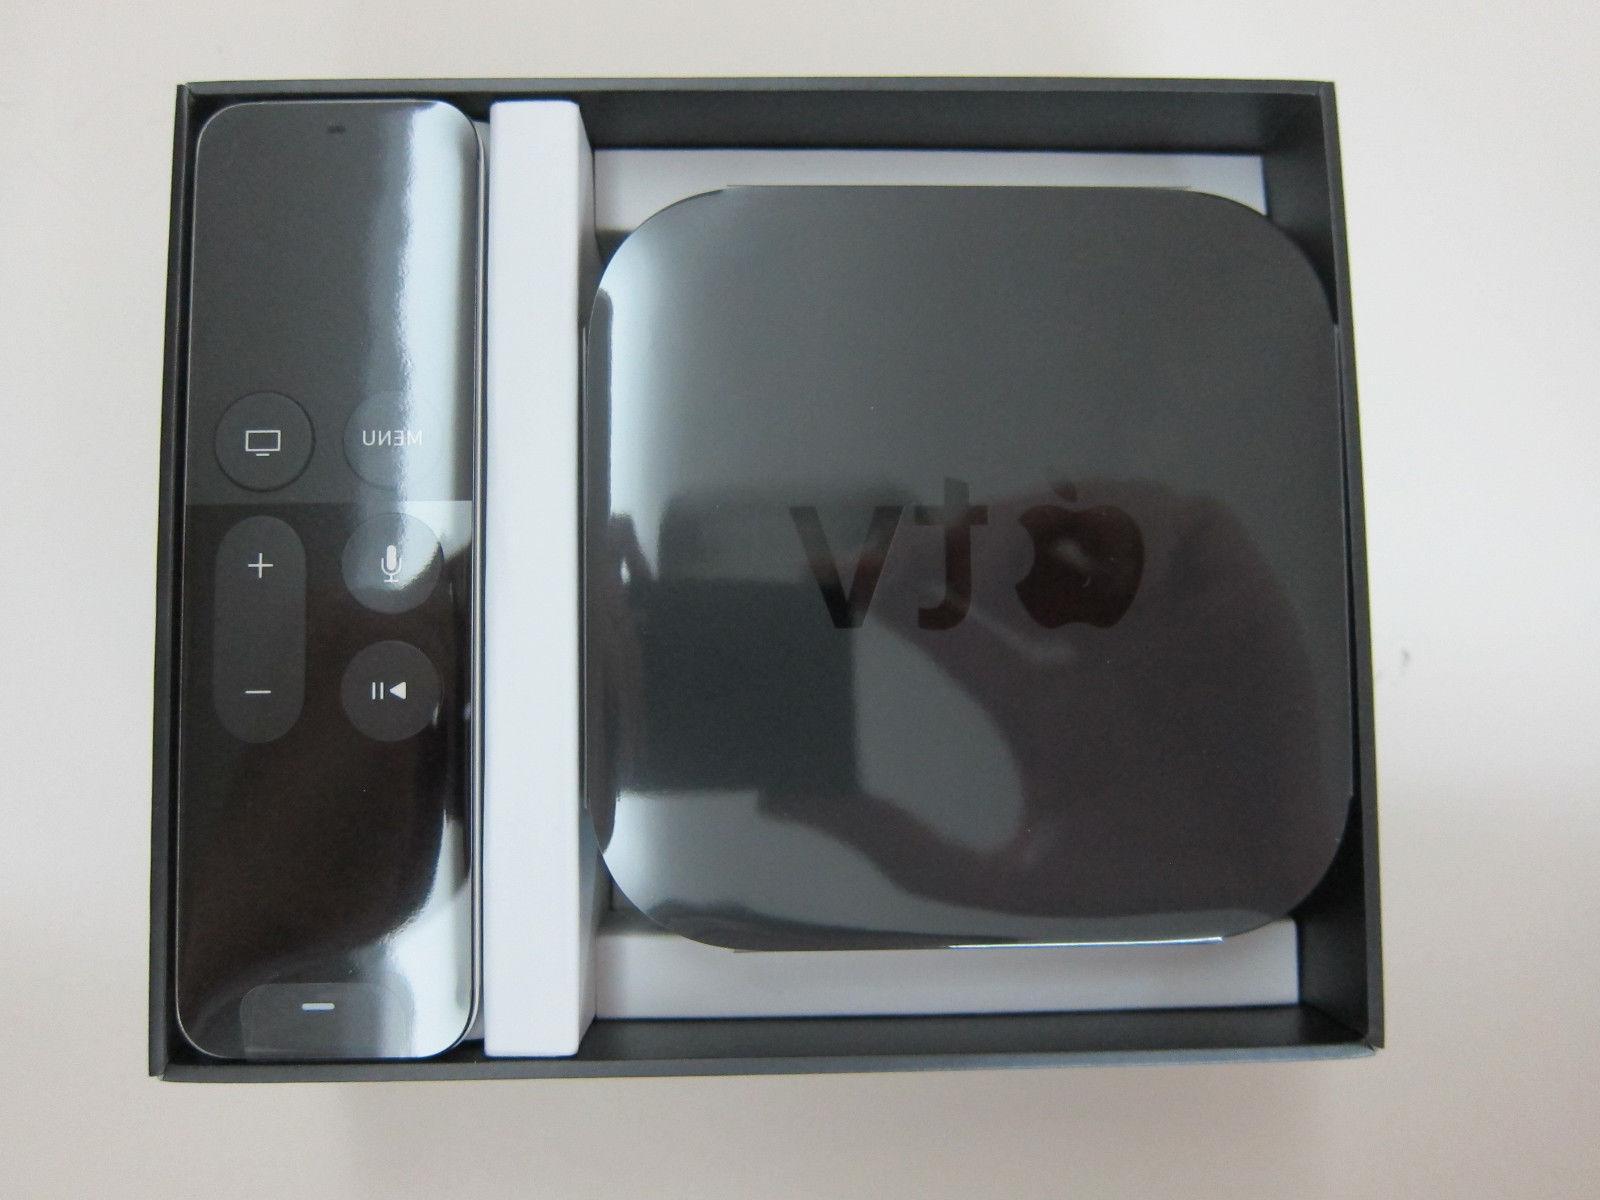 tv 4th generation 32gb 64gb hd 1080p